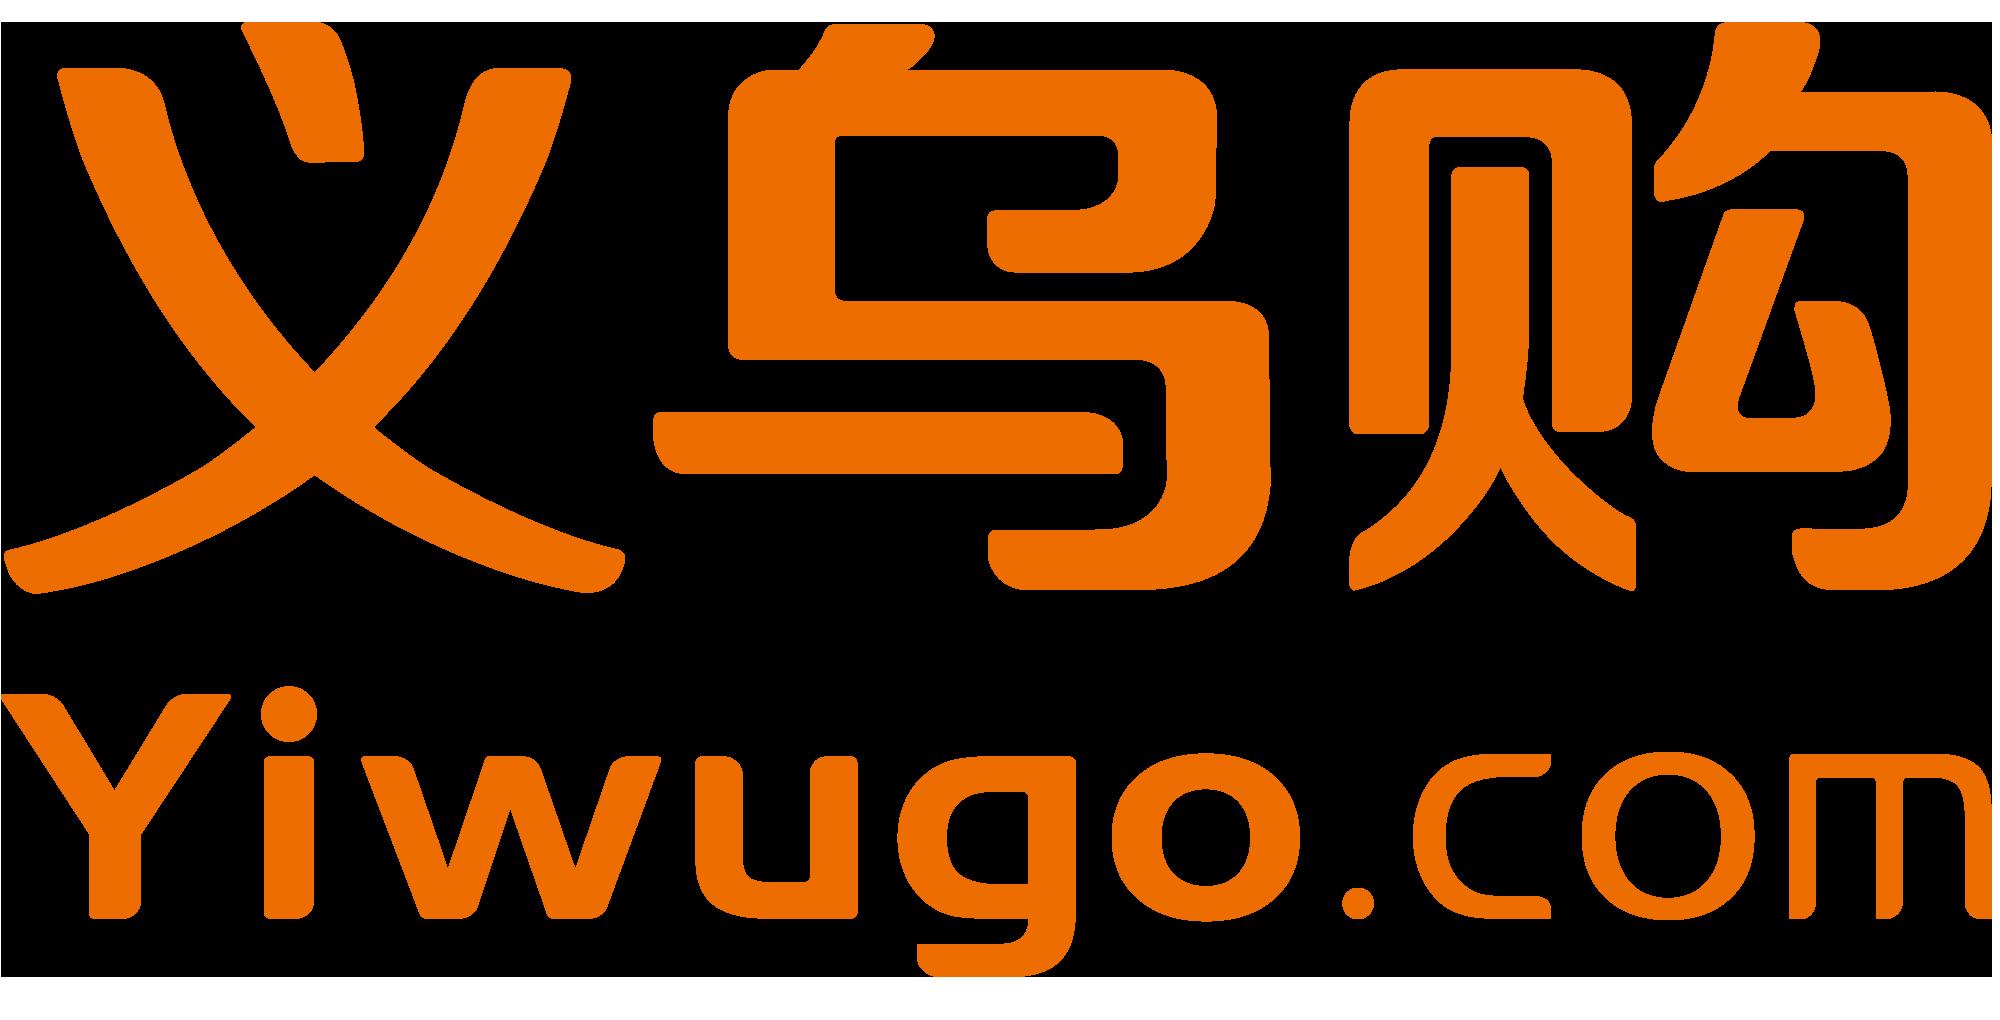 logo-yiwugo